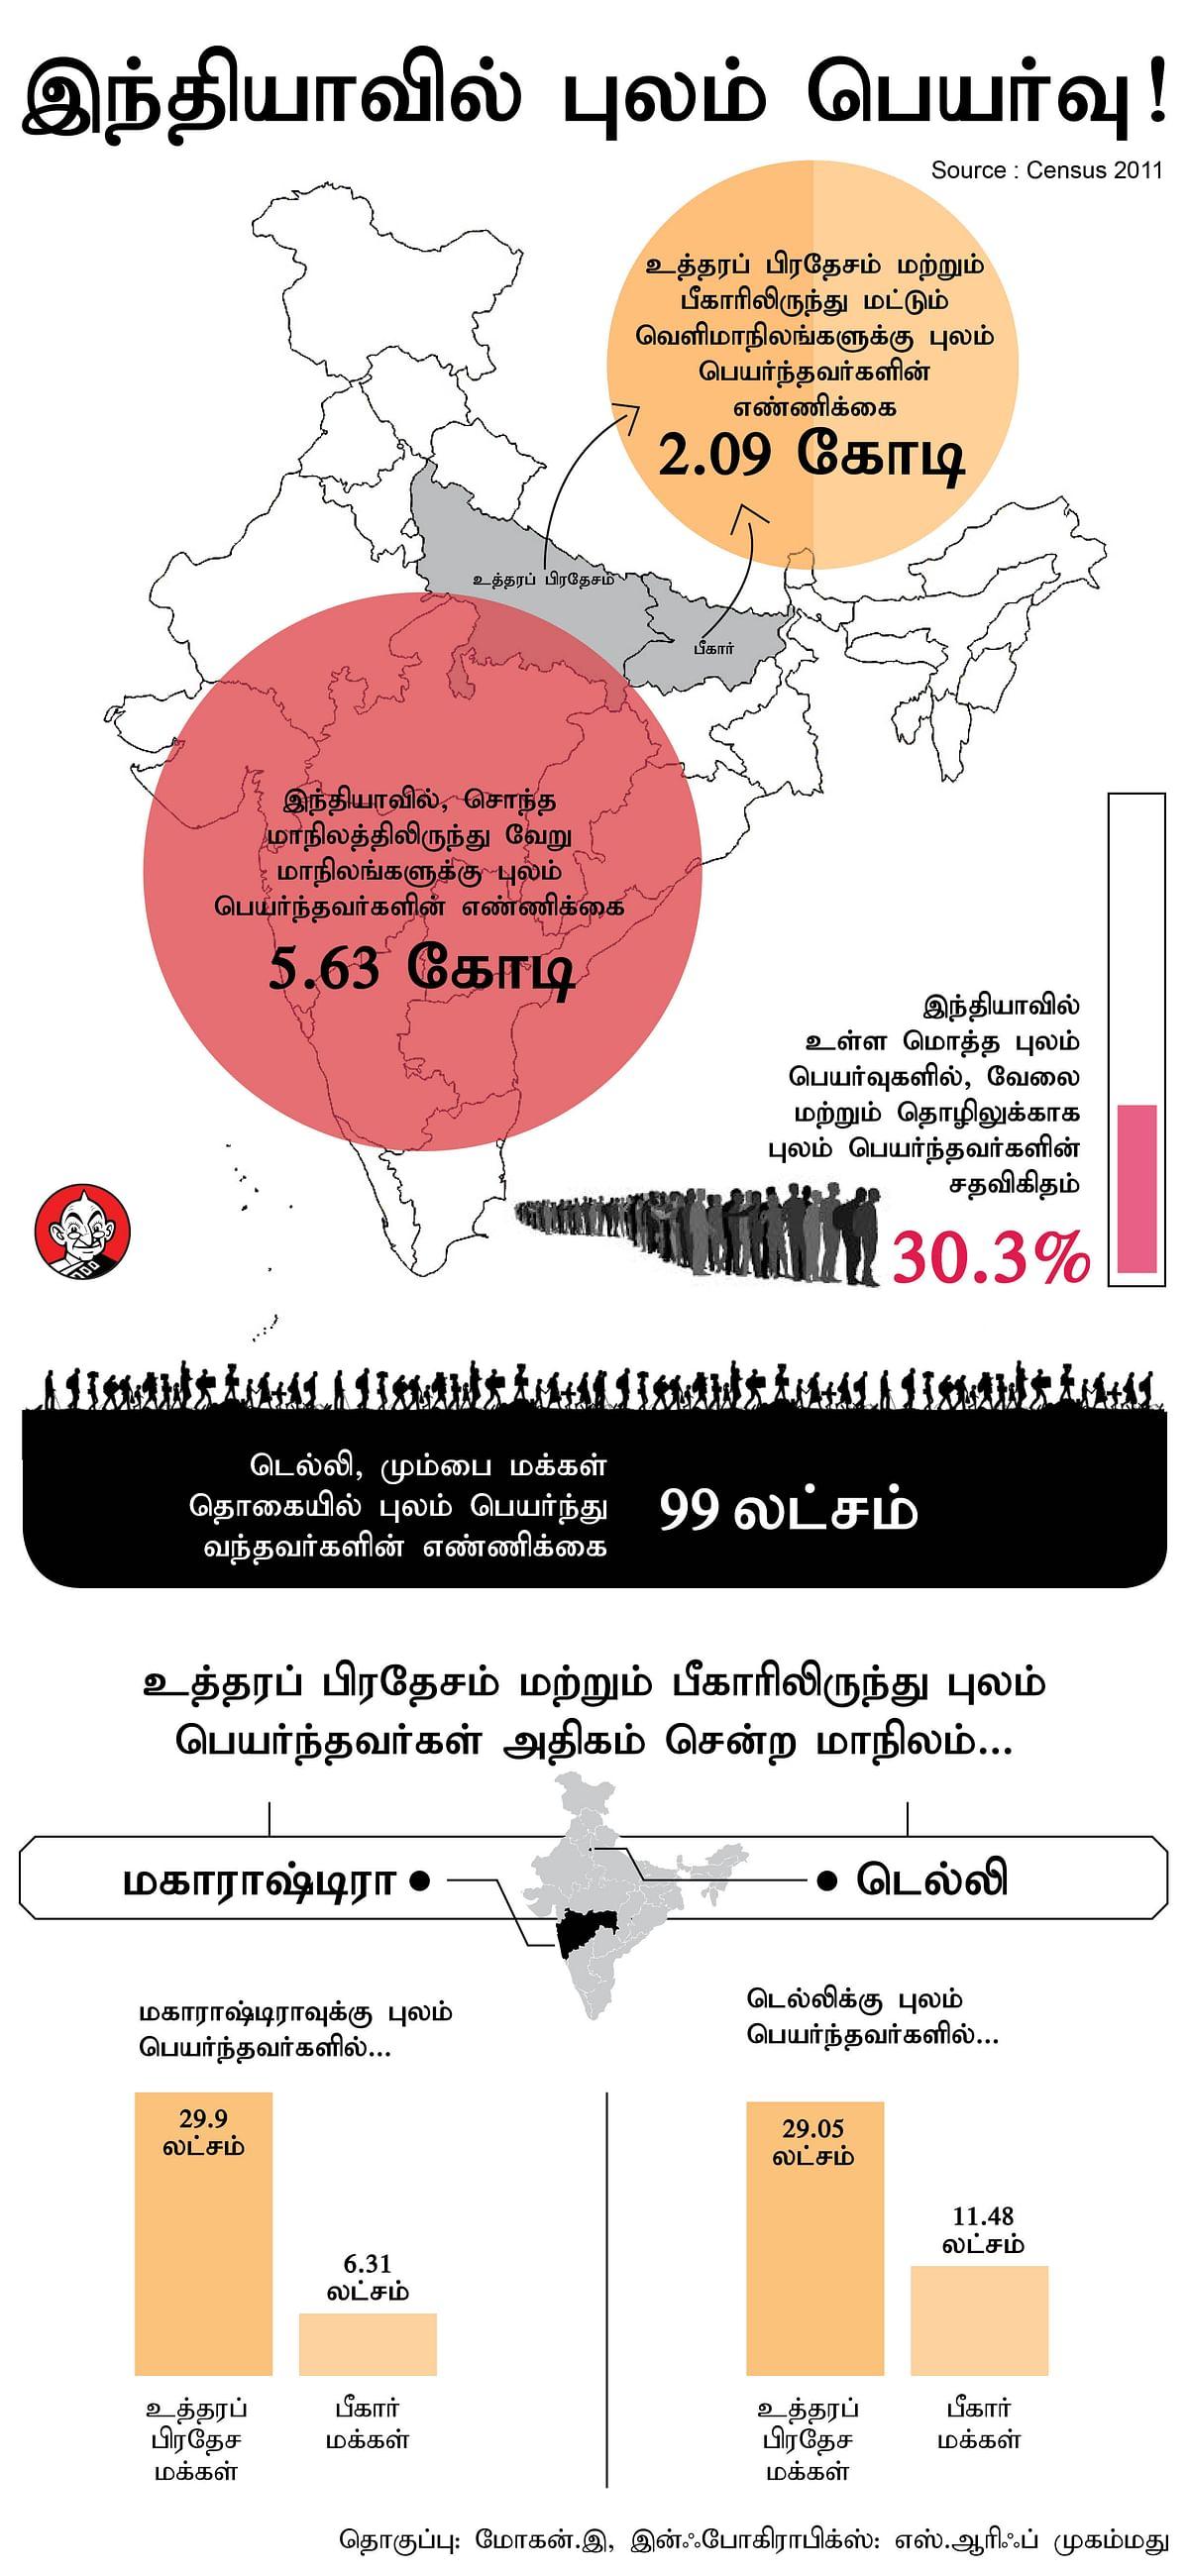 Migrants - Vikatan Info graphics